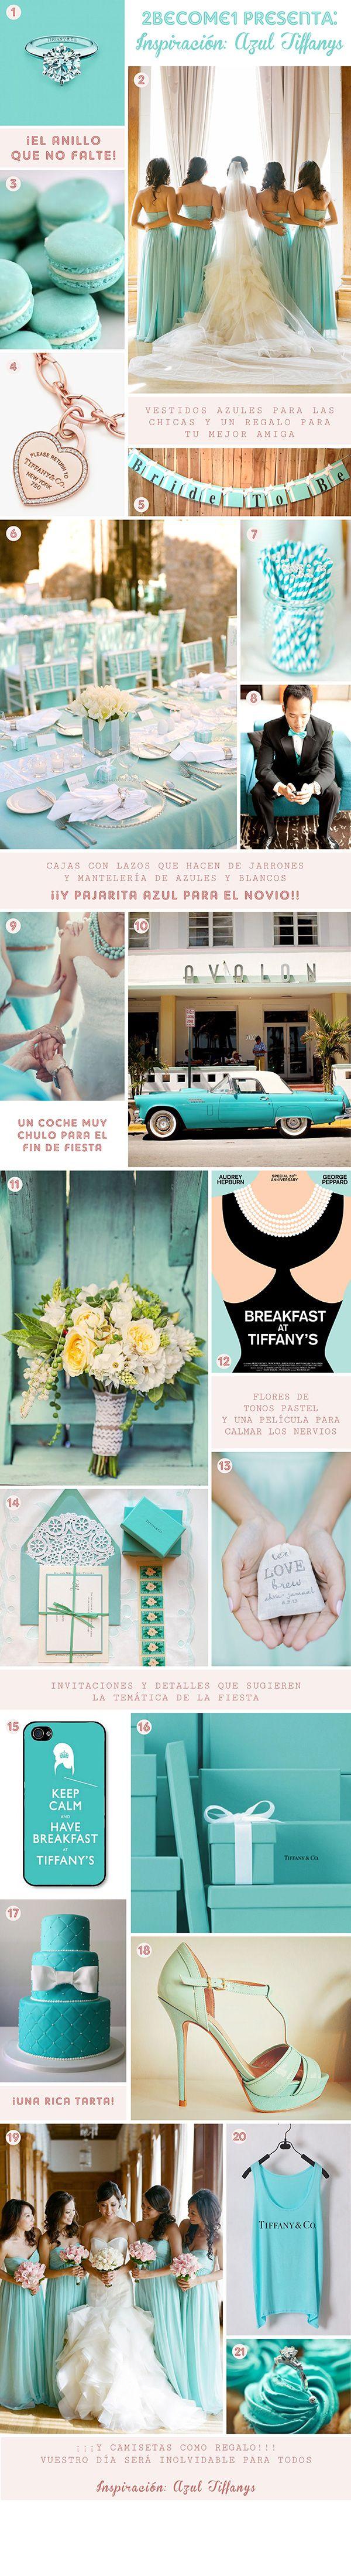 Blue Tiffany's Wedding Inspiration  http://2become1studio.blogspot.com.es/2014/05/inspiracion-bodas-azul-tiffanys.html